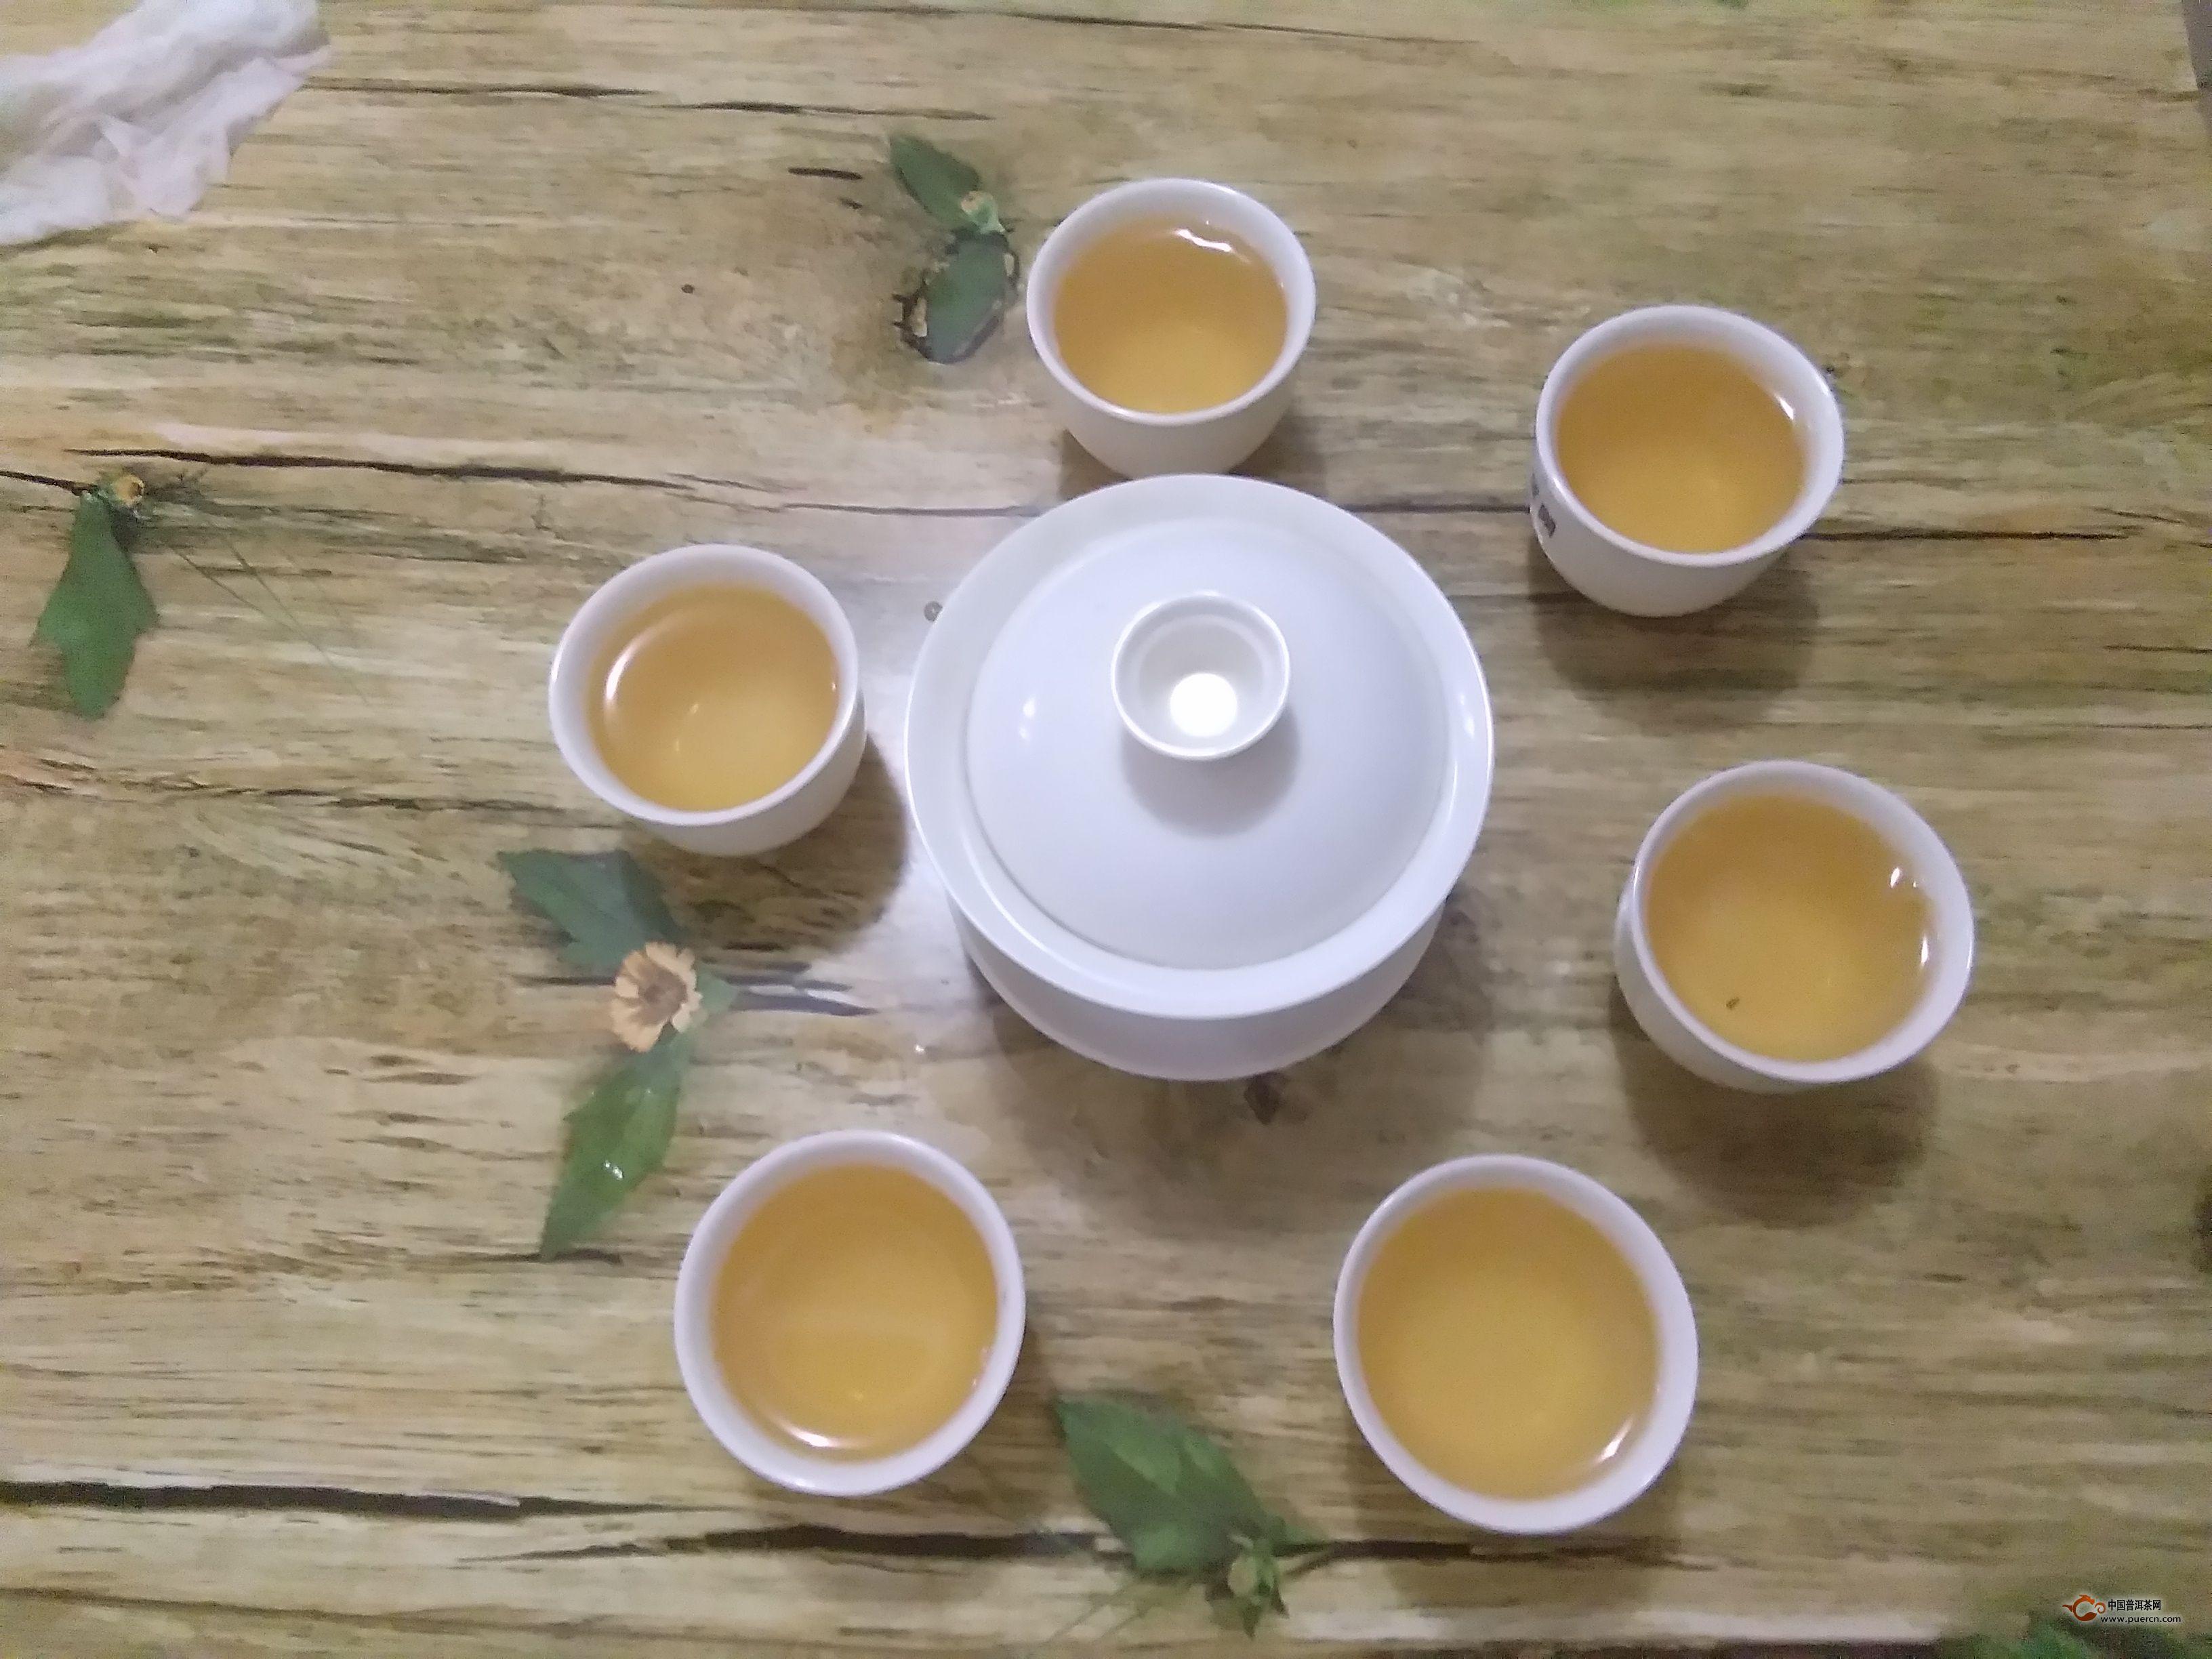 饭前饭后什么时间喝茶最好